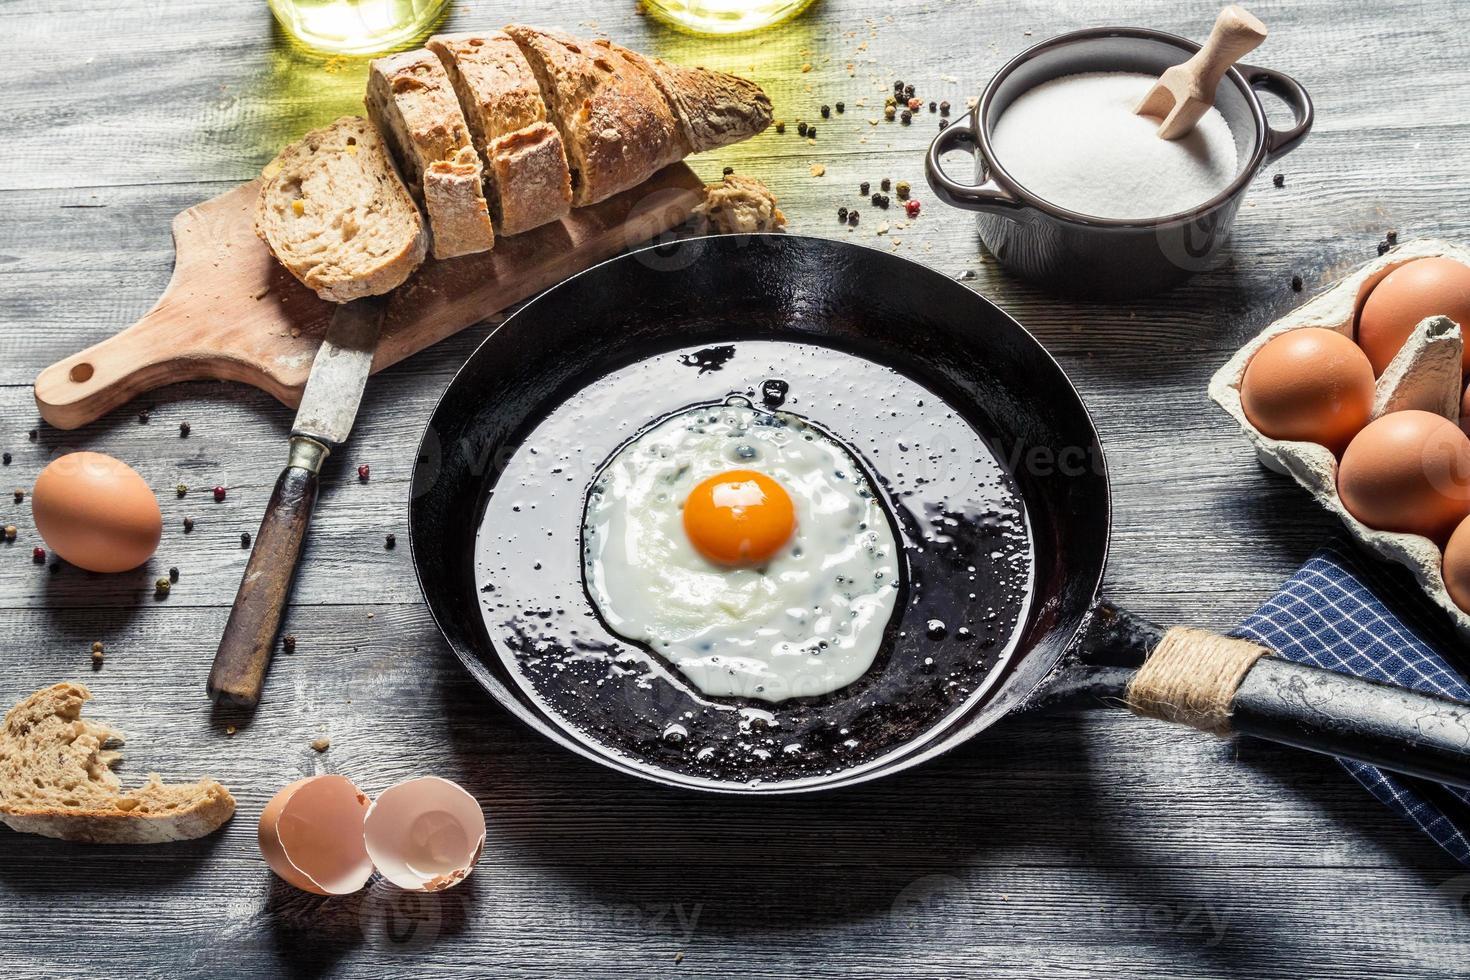 preparando para fritar ovos em uma panela foto